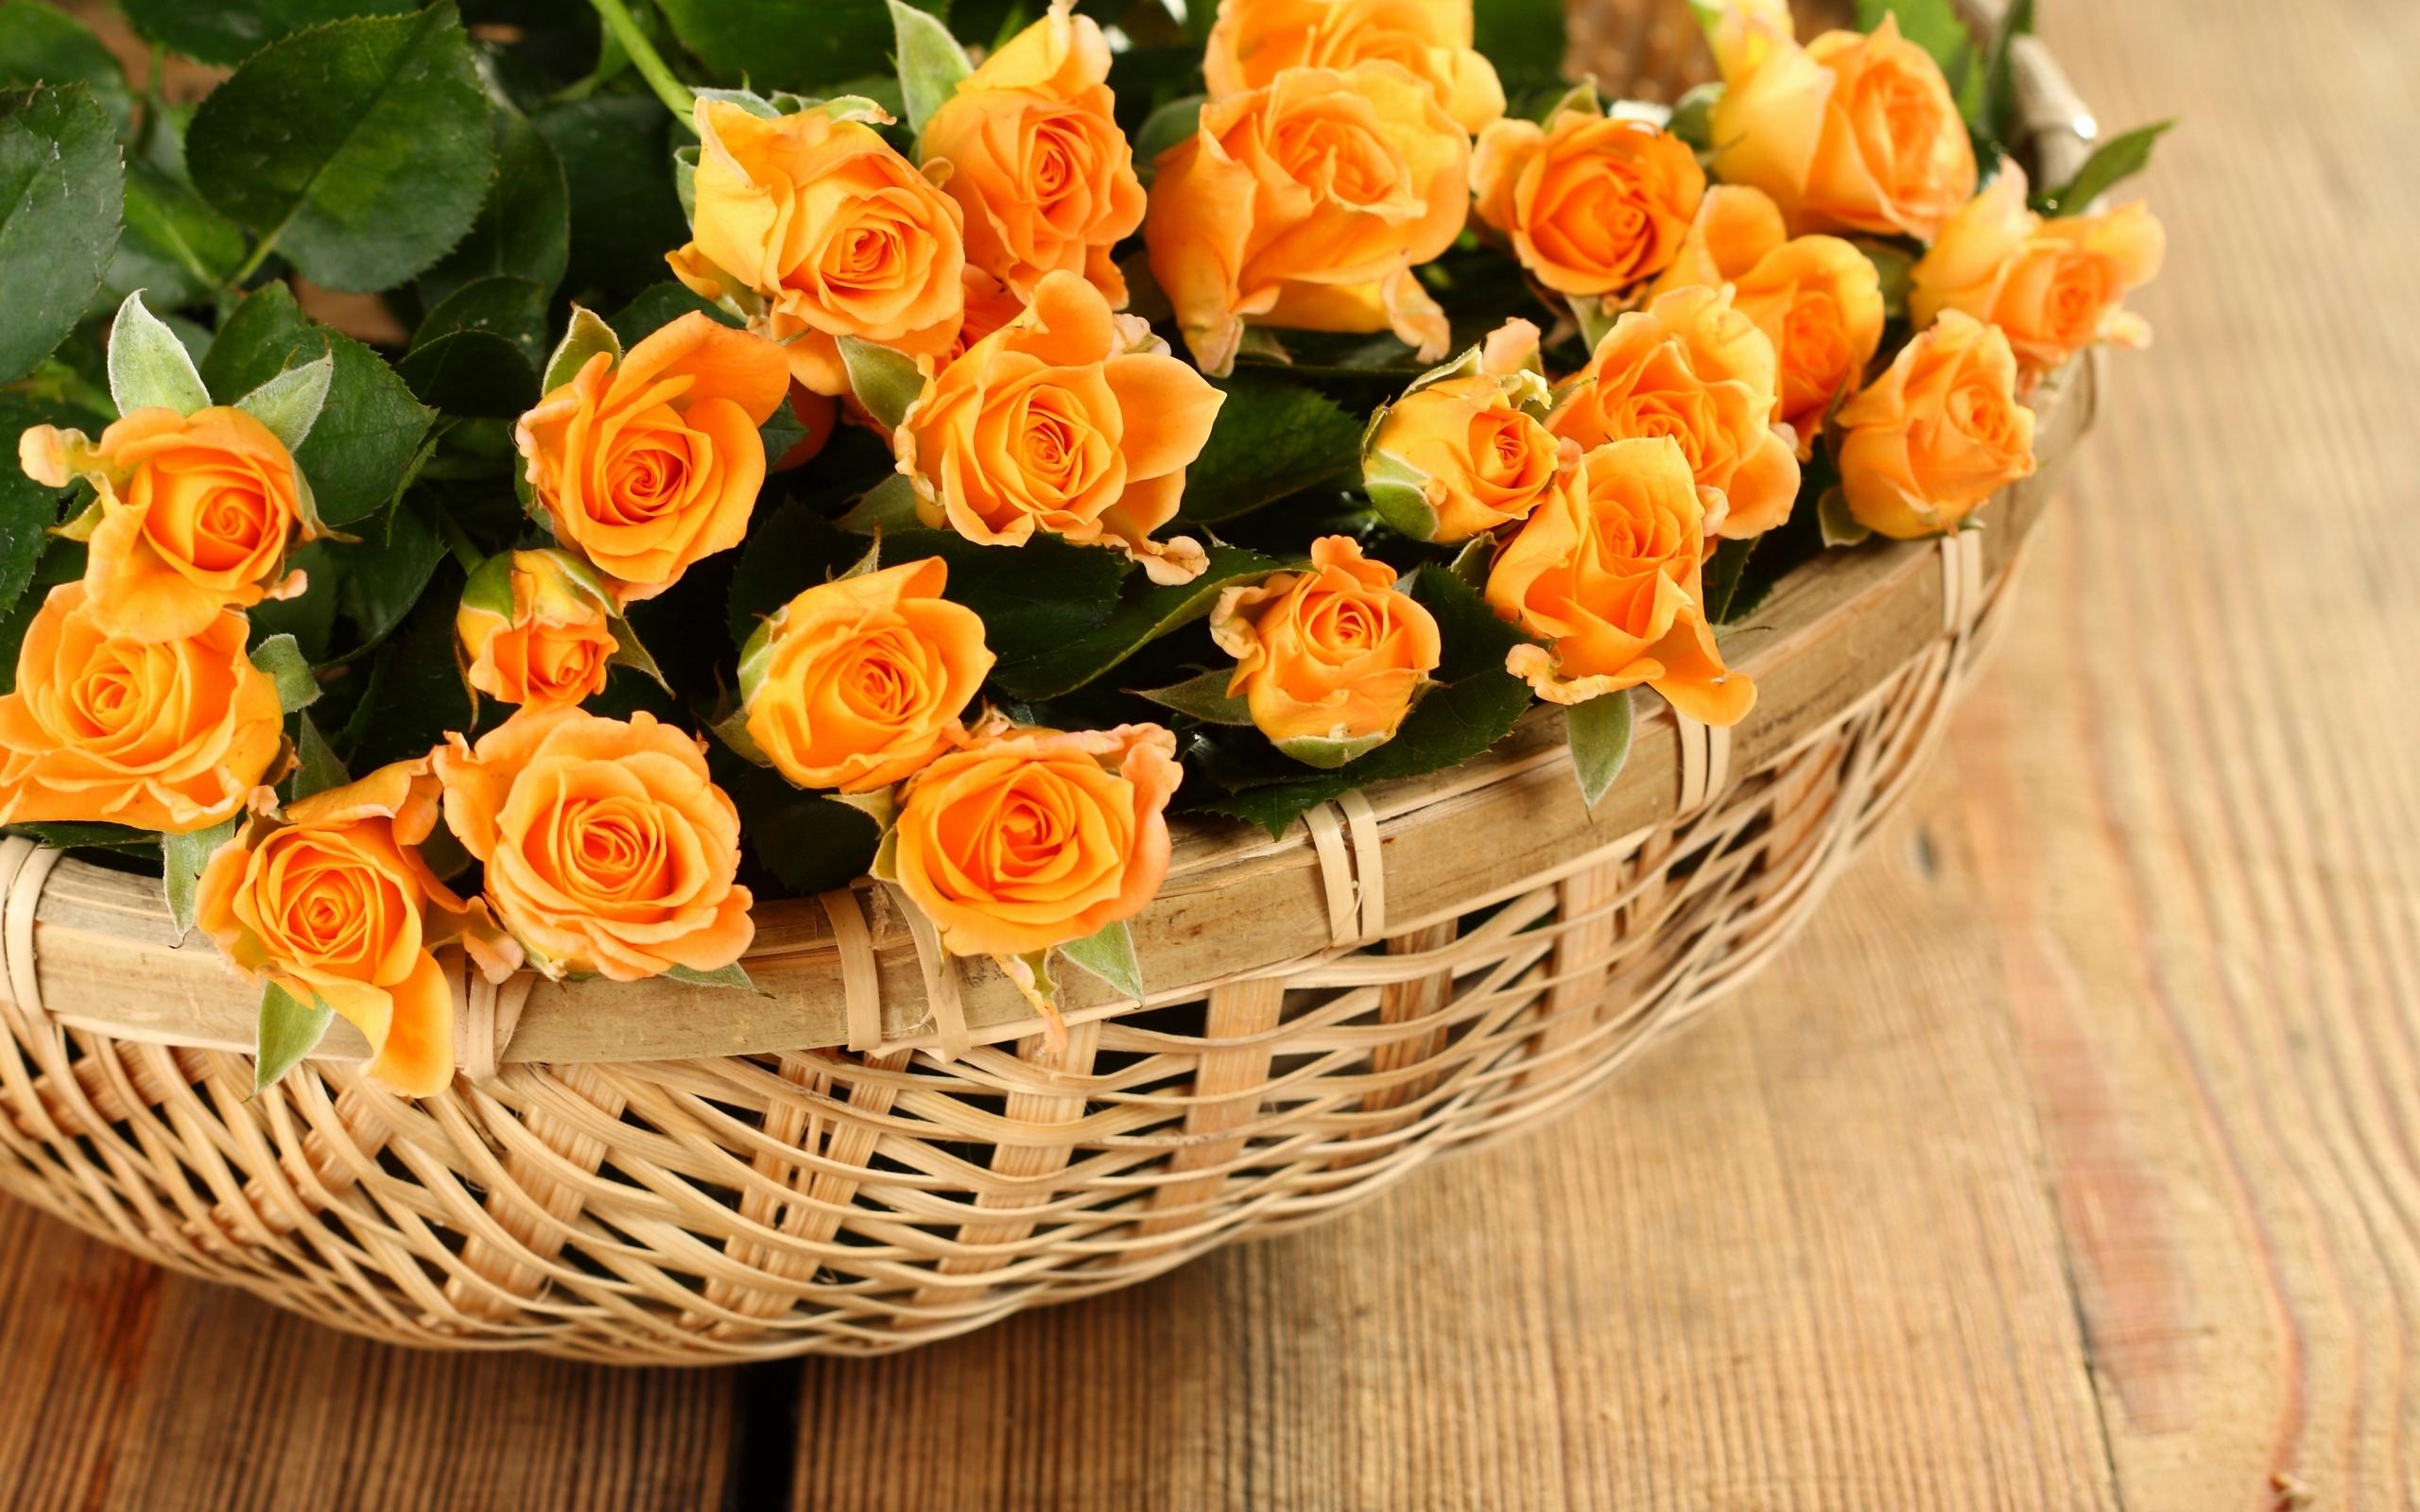 Днем, открытки с днем рождения цветы оранжевые